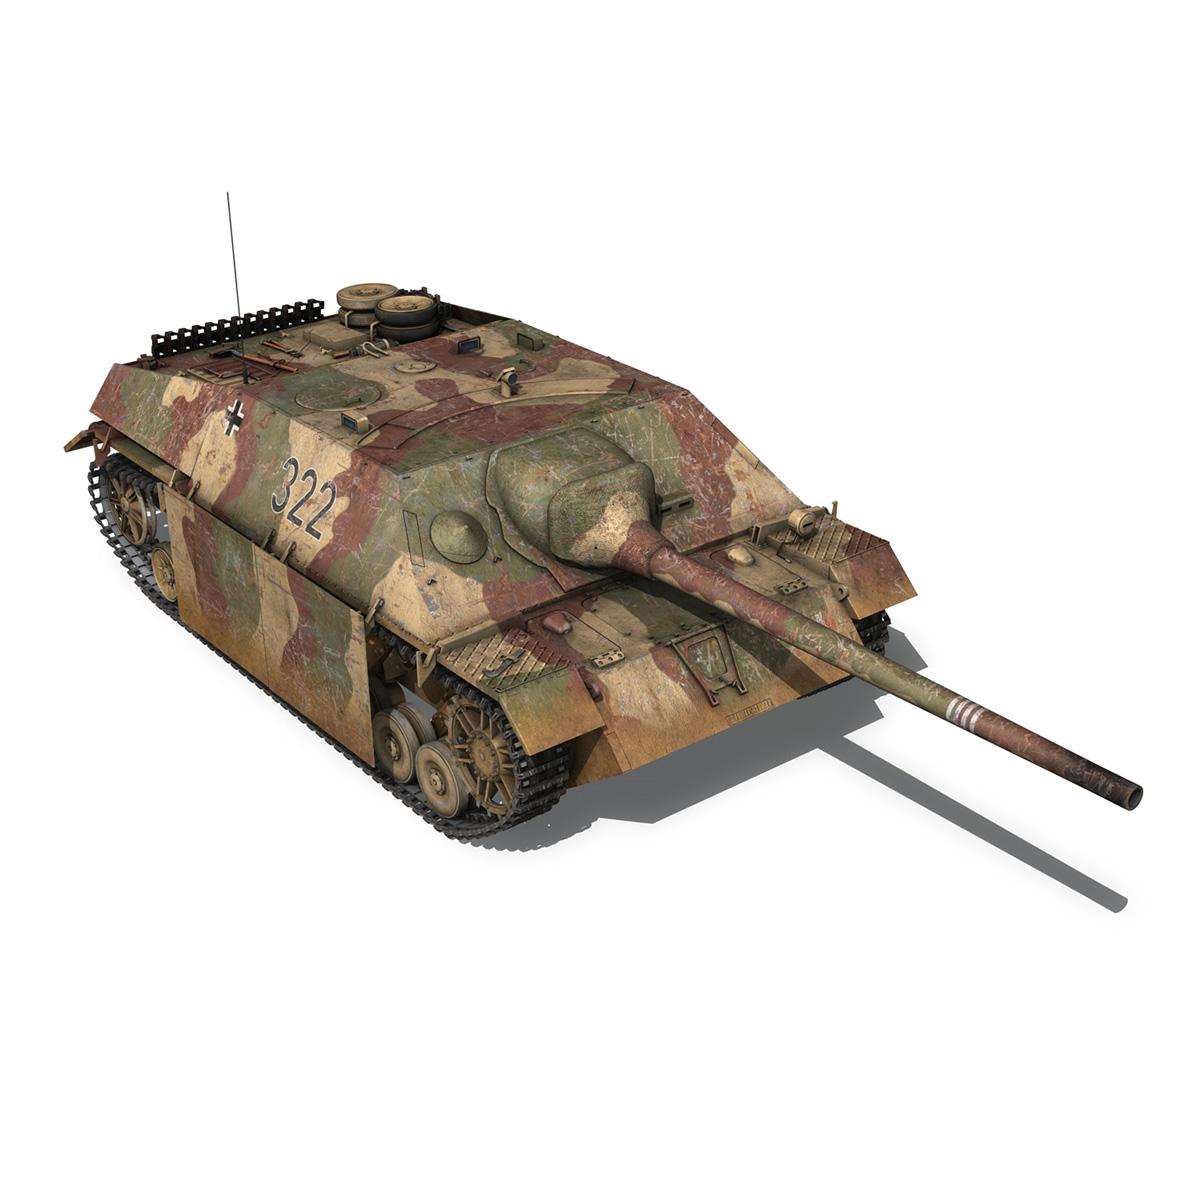 jagdpanzer iv l/70 (v) – 322 – late production 3d model 3ds fbx c4d lwo obj 282352